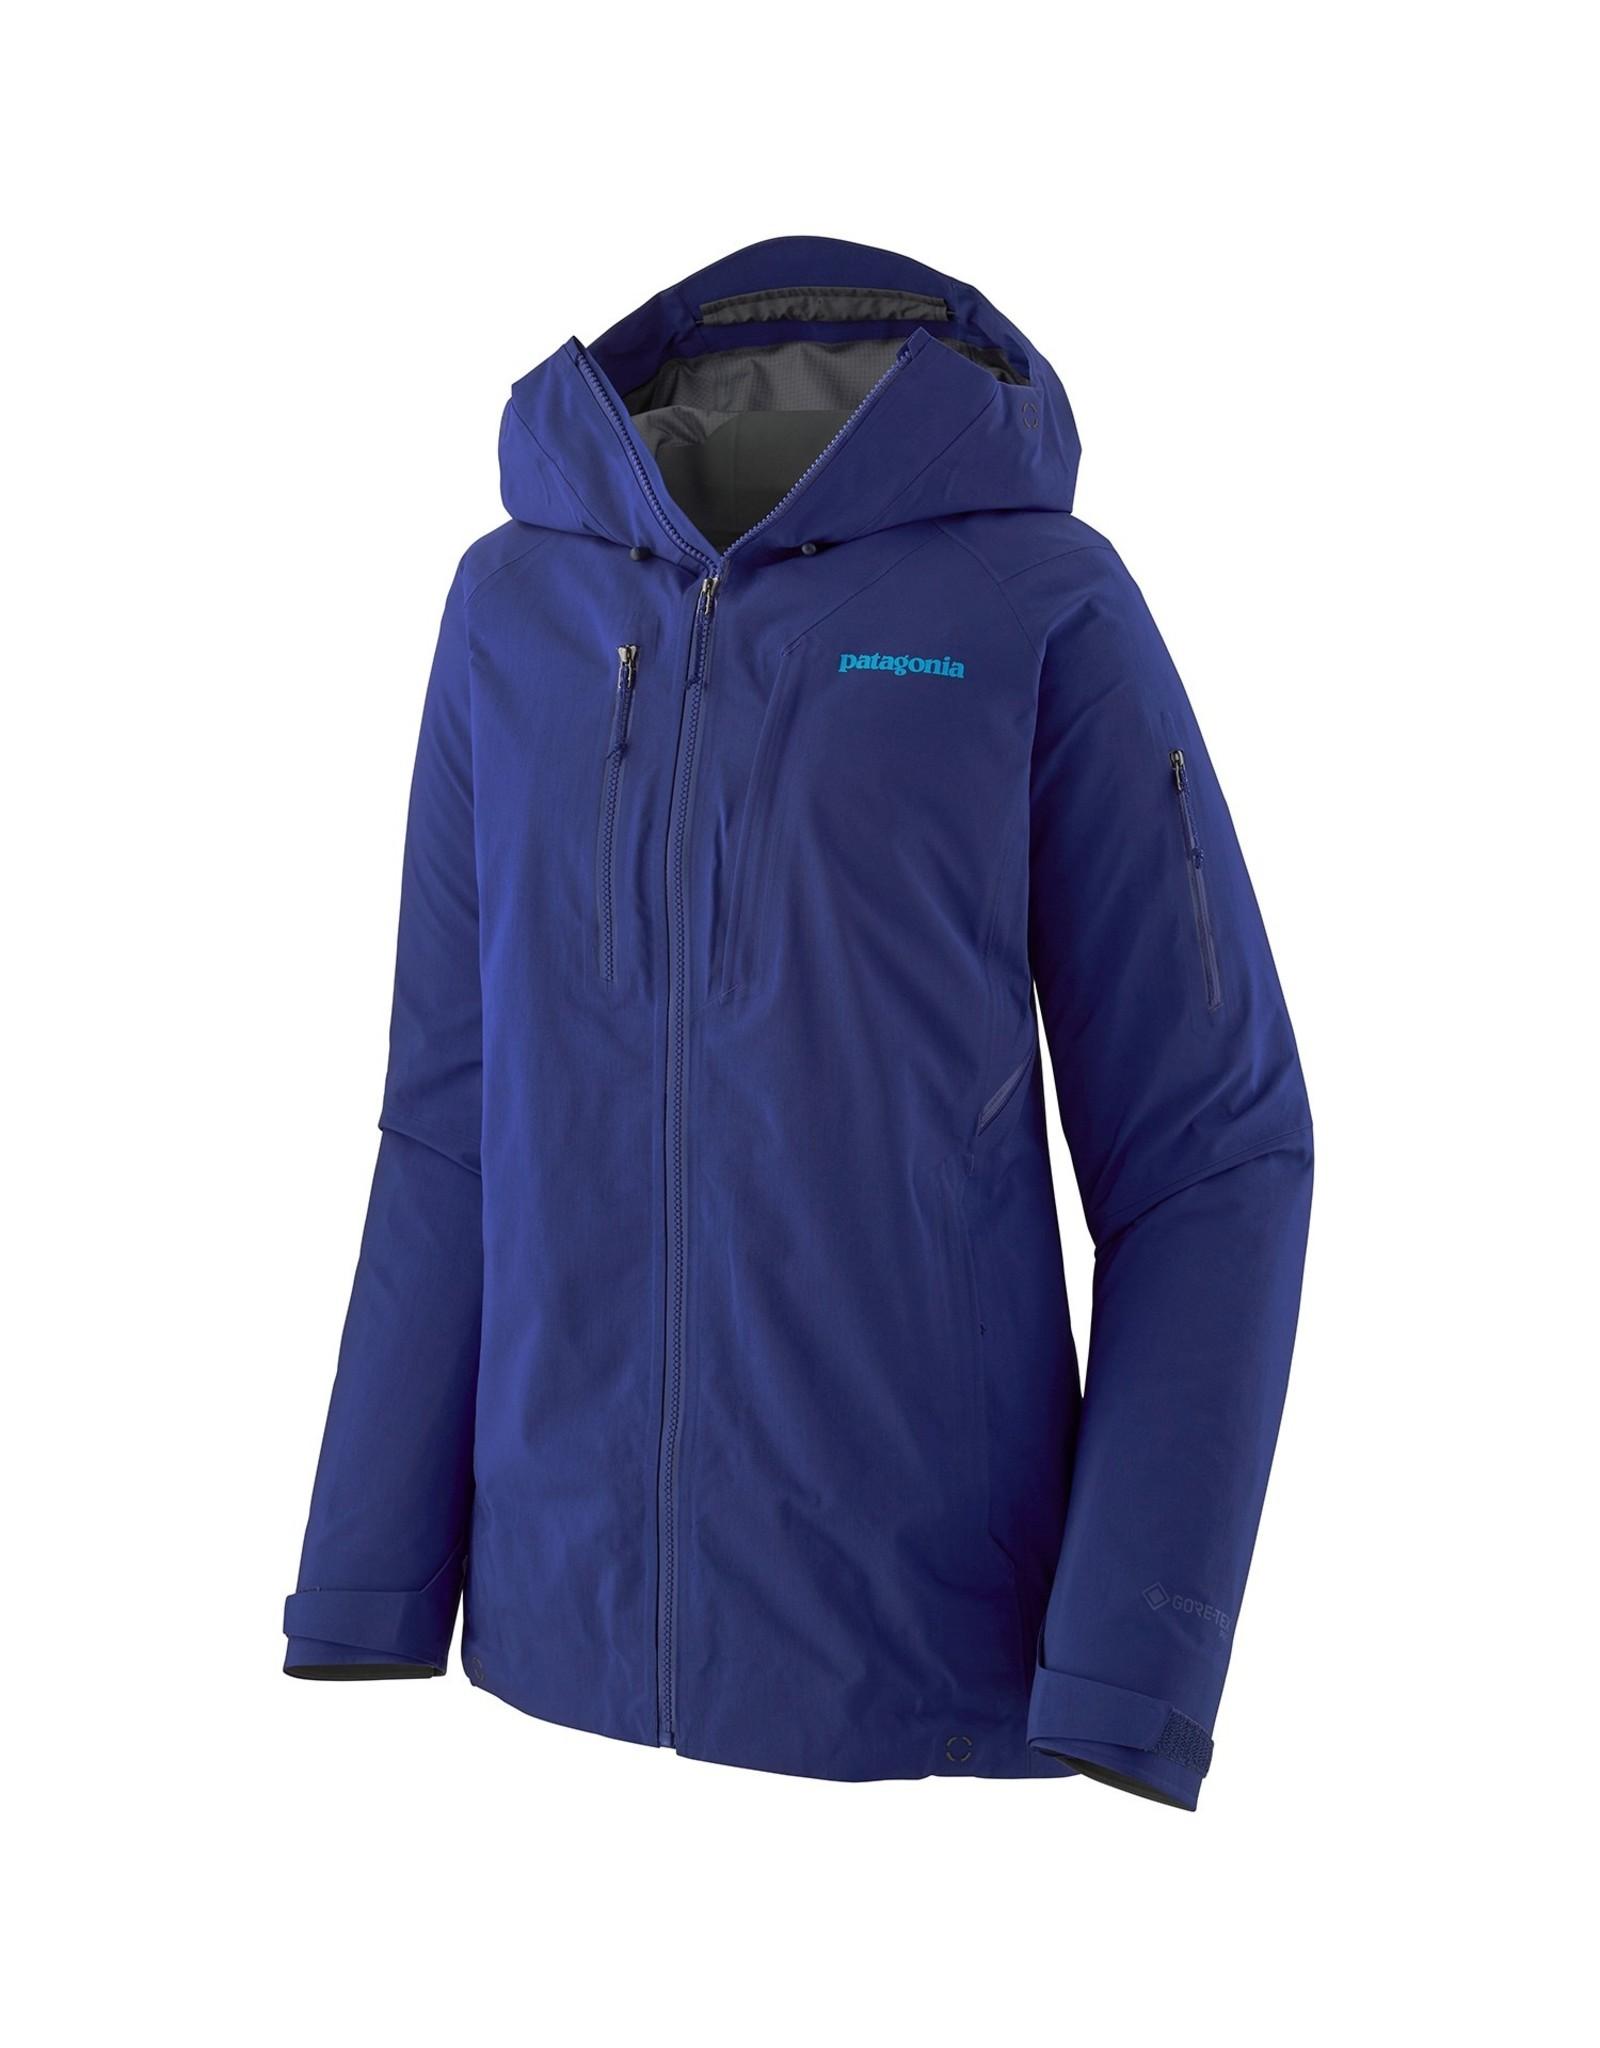 Patagonia Patagonia - W's PowSlayer Jacket